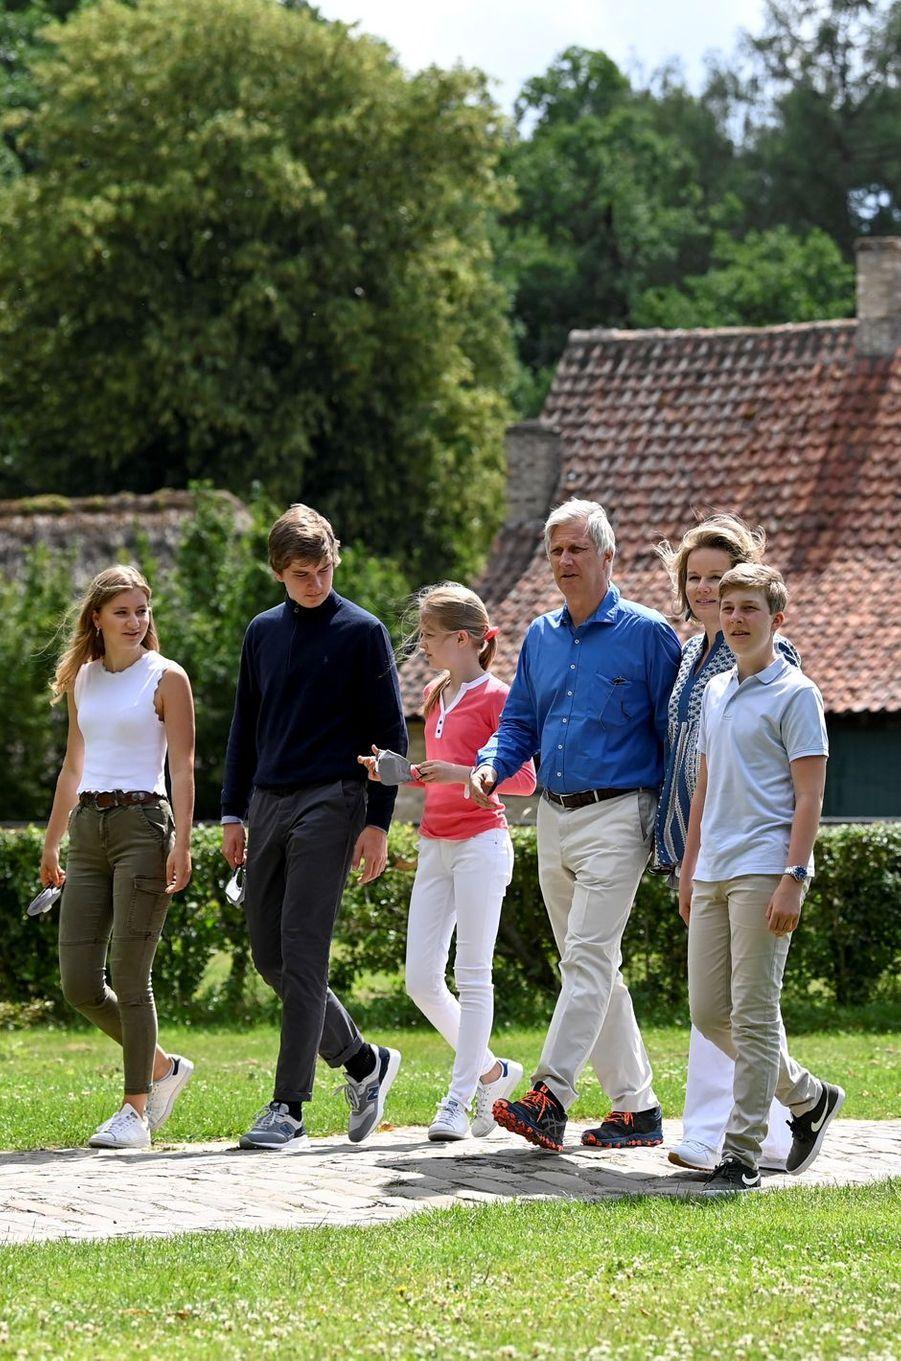 La reine Mathilde, le roi des Belges Philippe, les princesses Elisabeth et Eléonore et les princes Gabriel et Emmanuel de Belgique au musée du domaine de Bokrijk, le 27 juin 2020